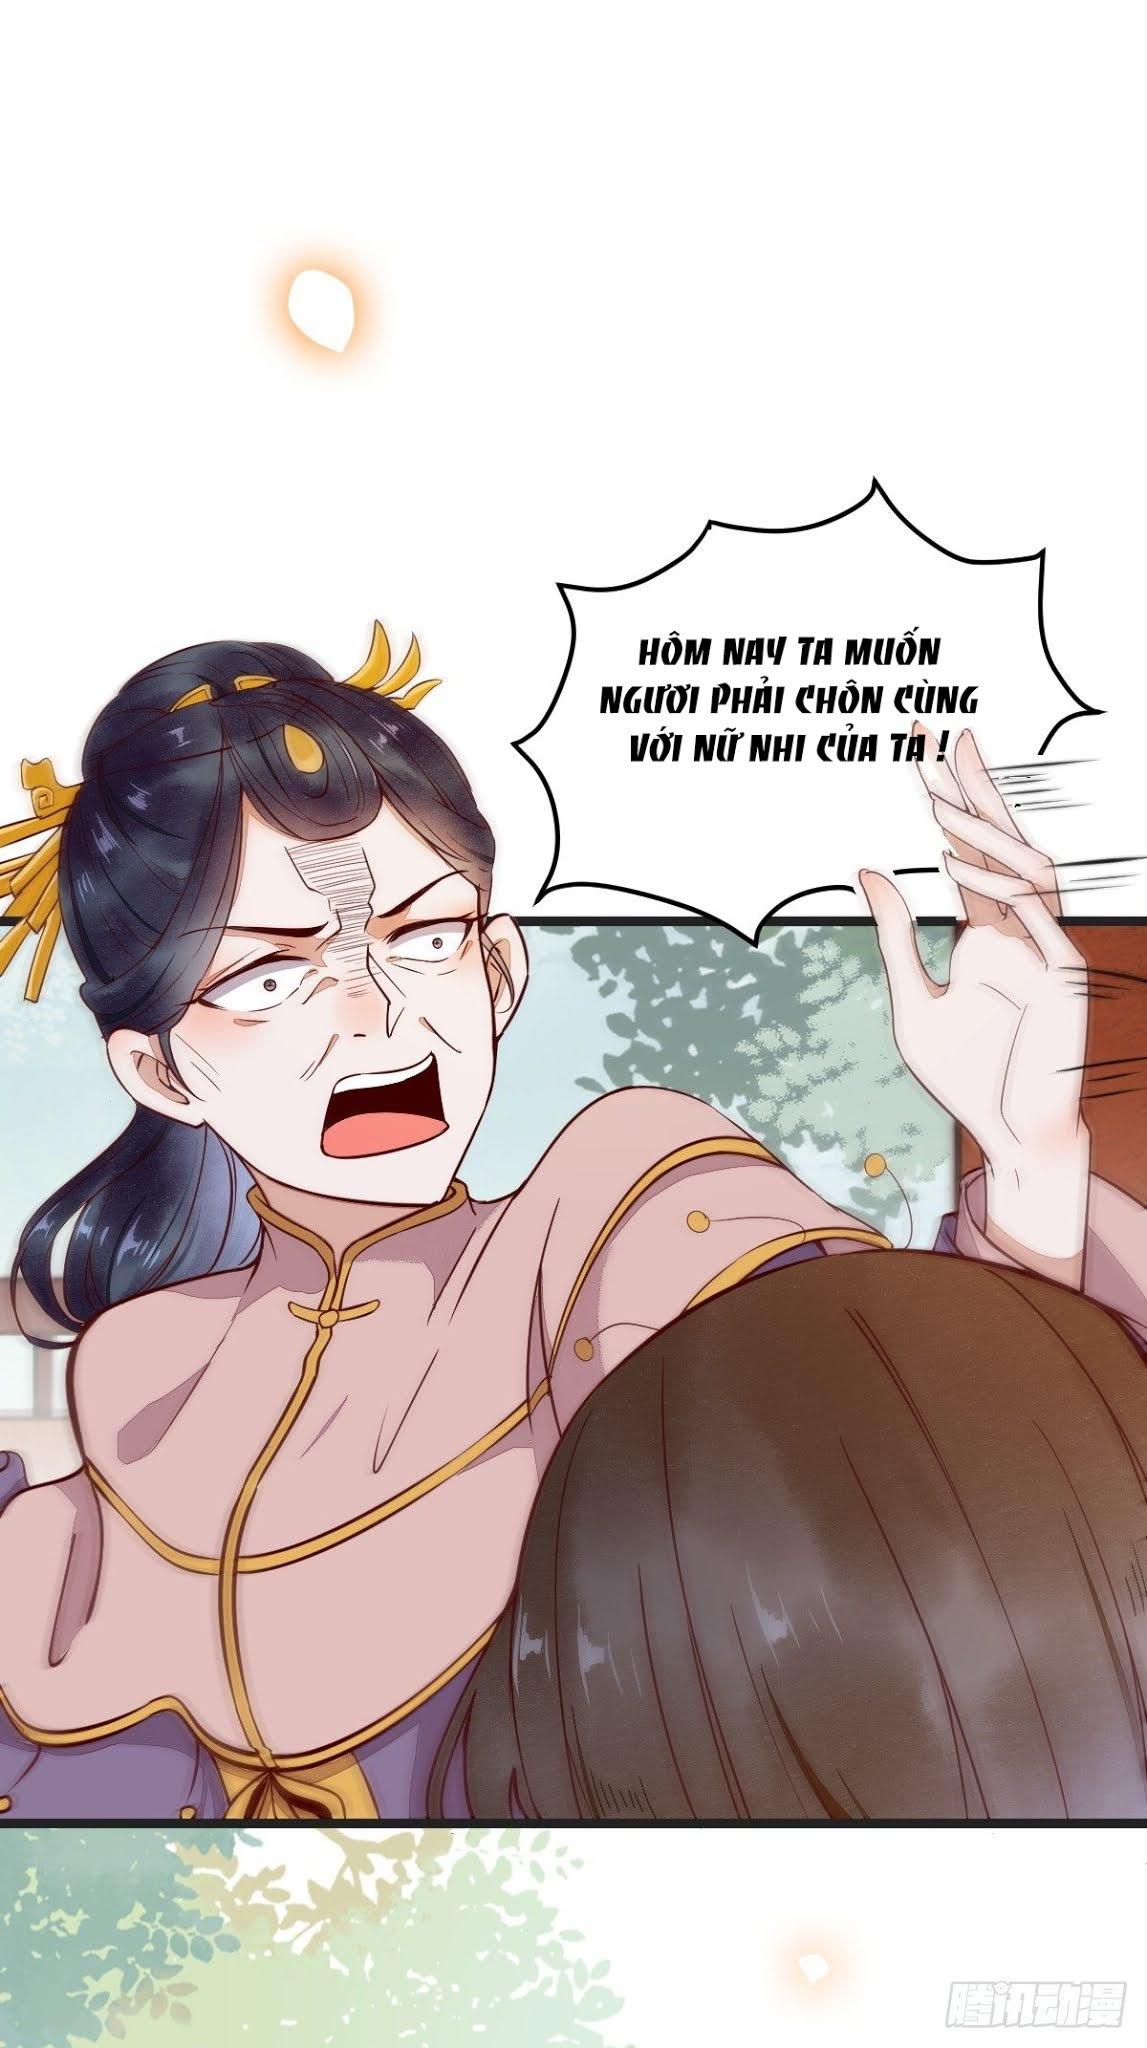 Sát Thủ Vương Phi Không Dễ Chọc Chap 37